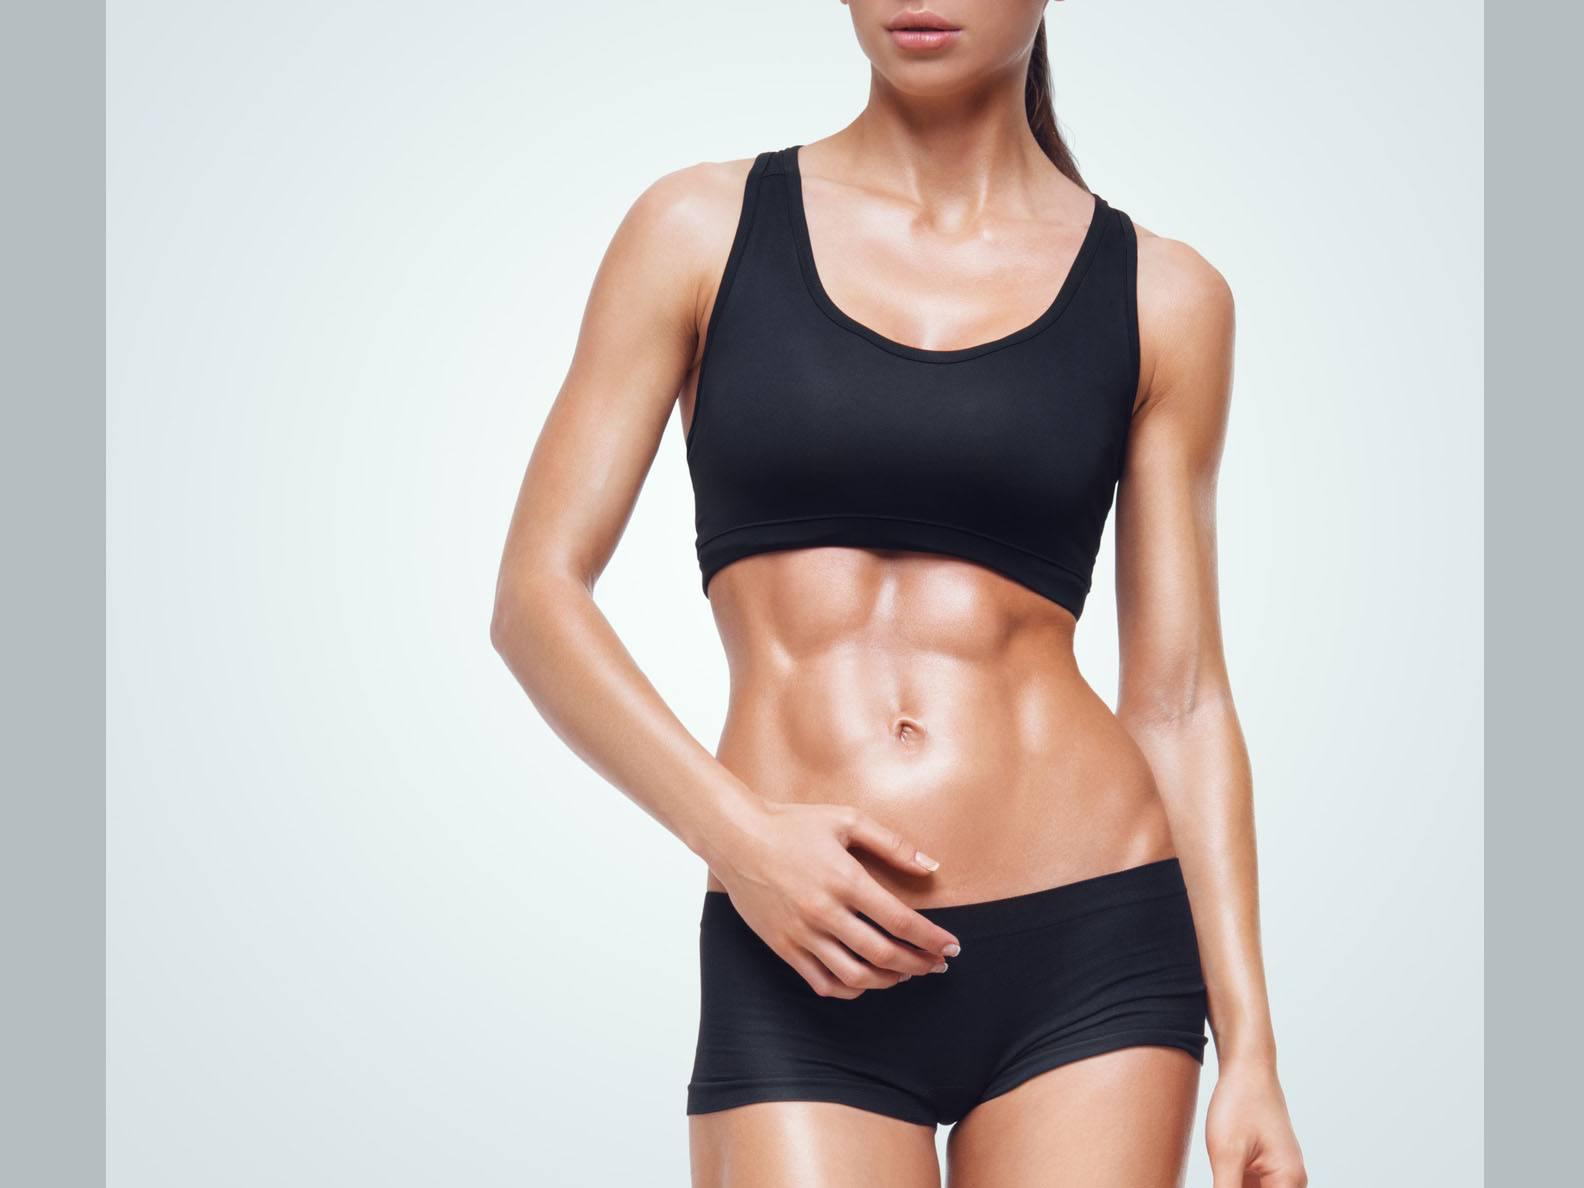 Jak prawidłowo ćwiczyć mięśnie brzucha aby były zarysowane